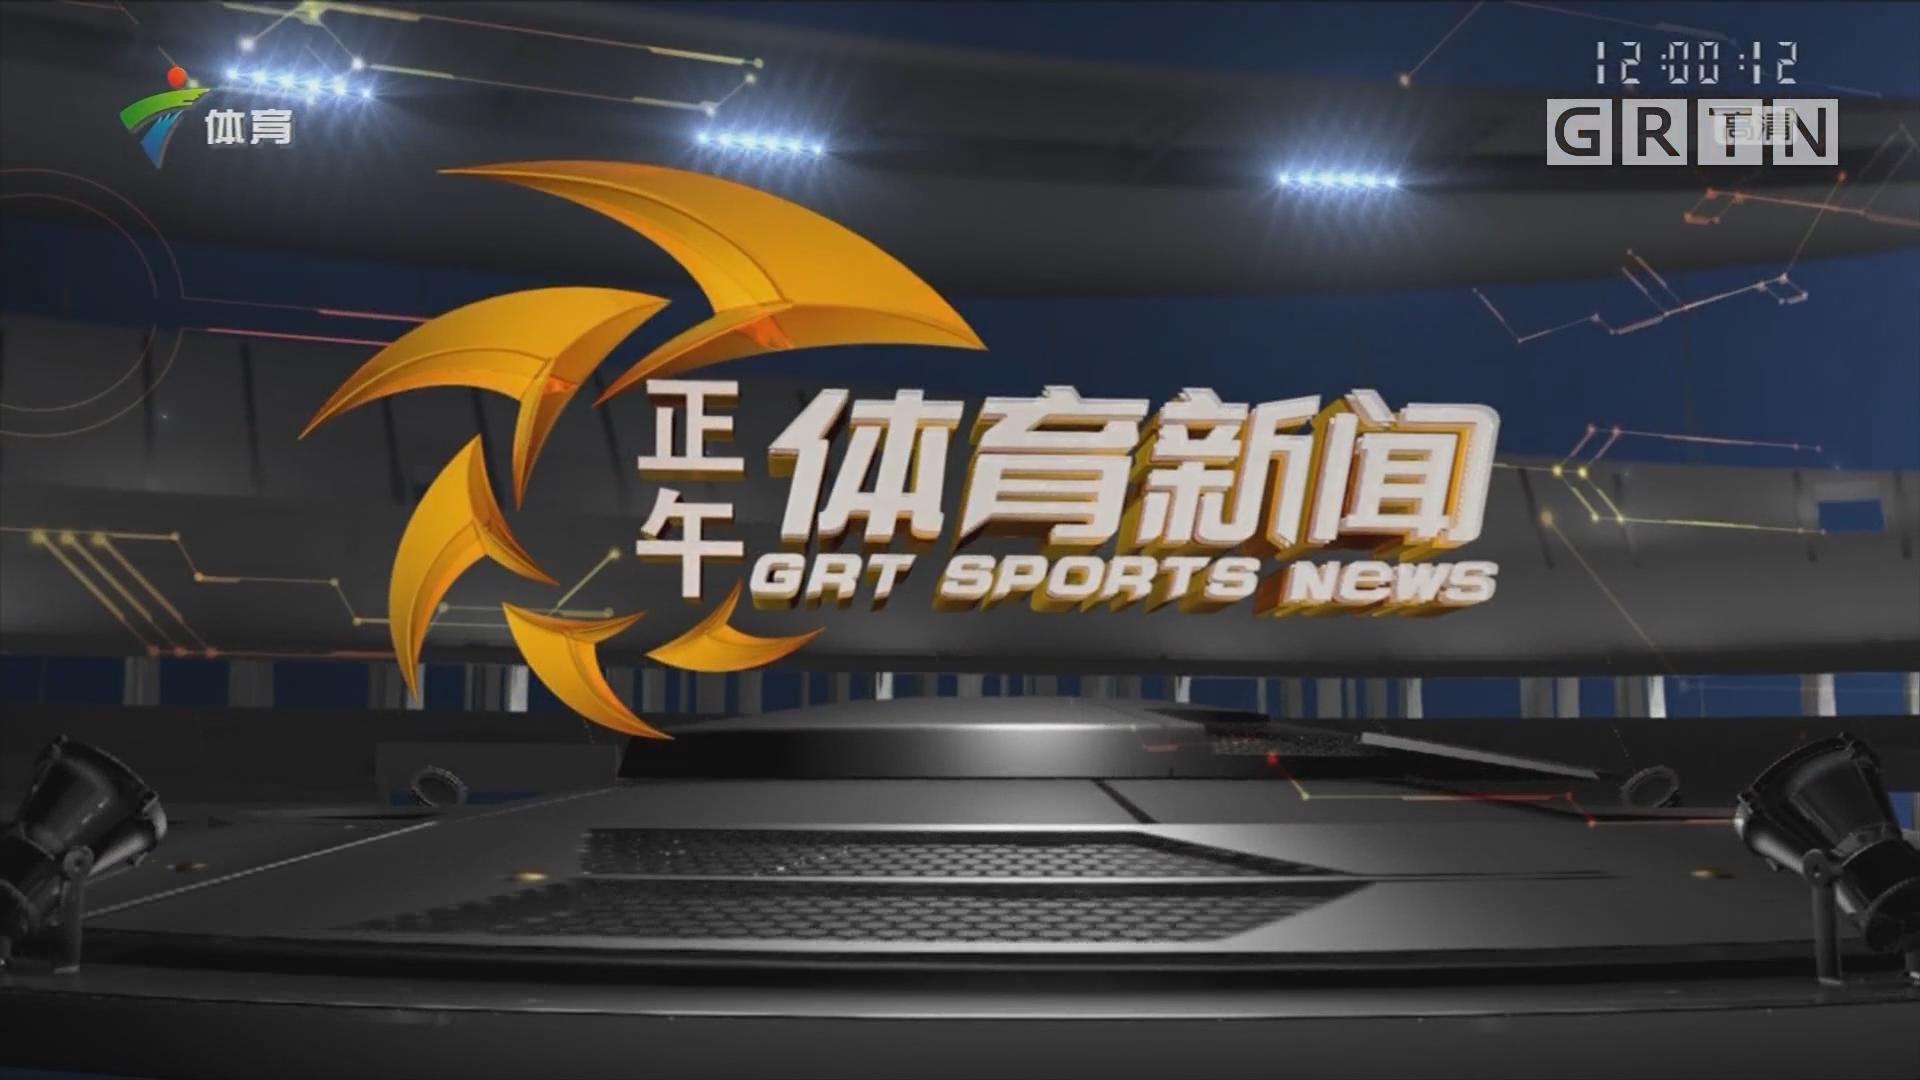 [HD][2019-11-01]正午体育新闻:杜锋:感谢篮协支持 身兼两职不是坏事